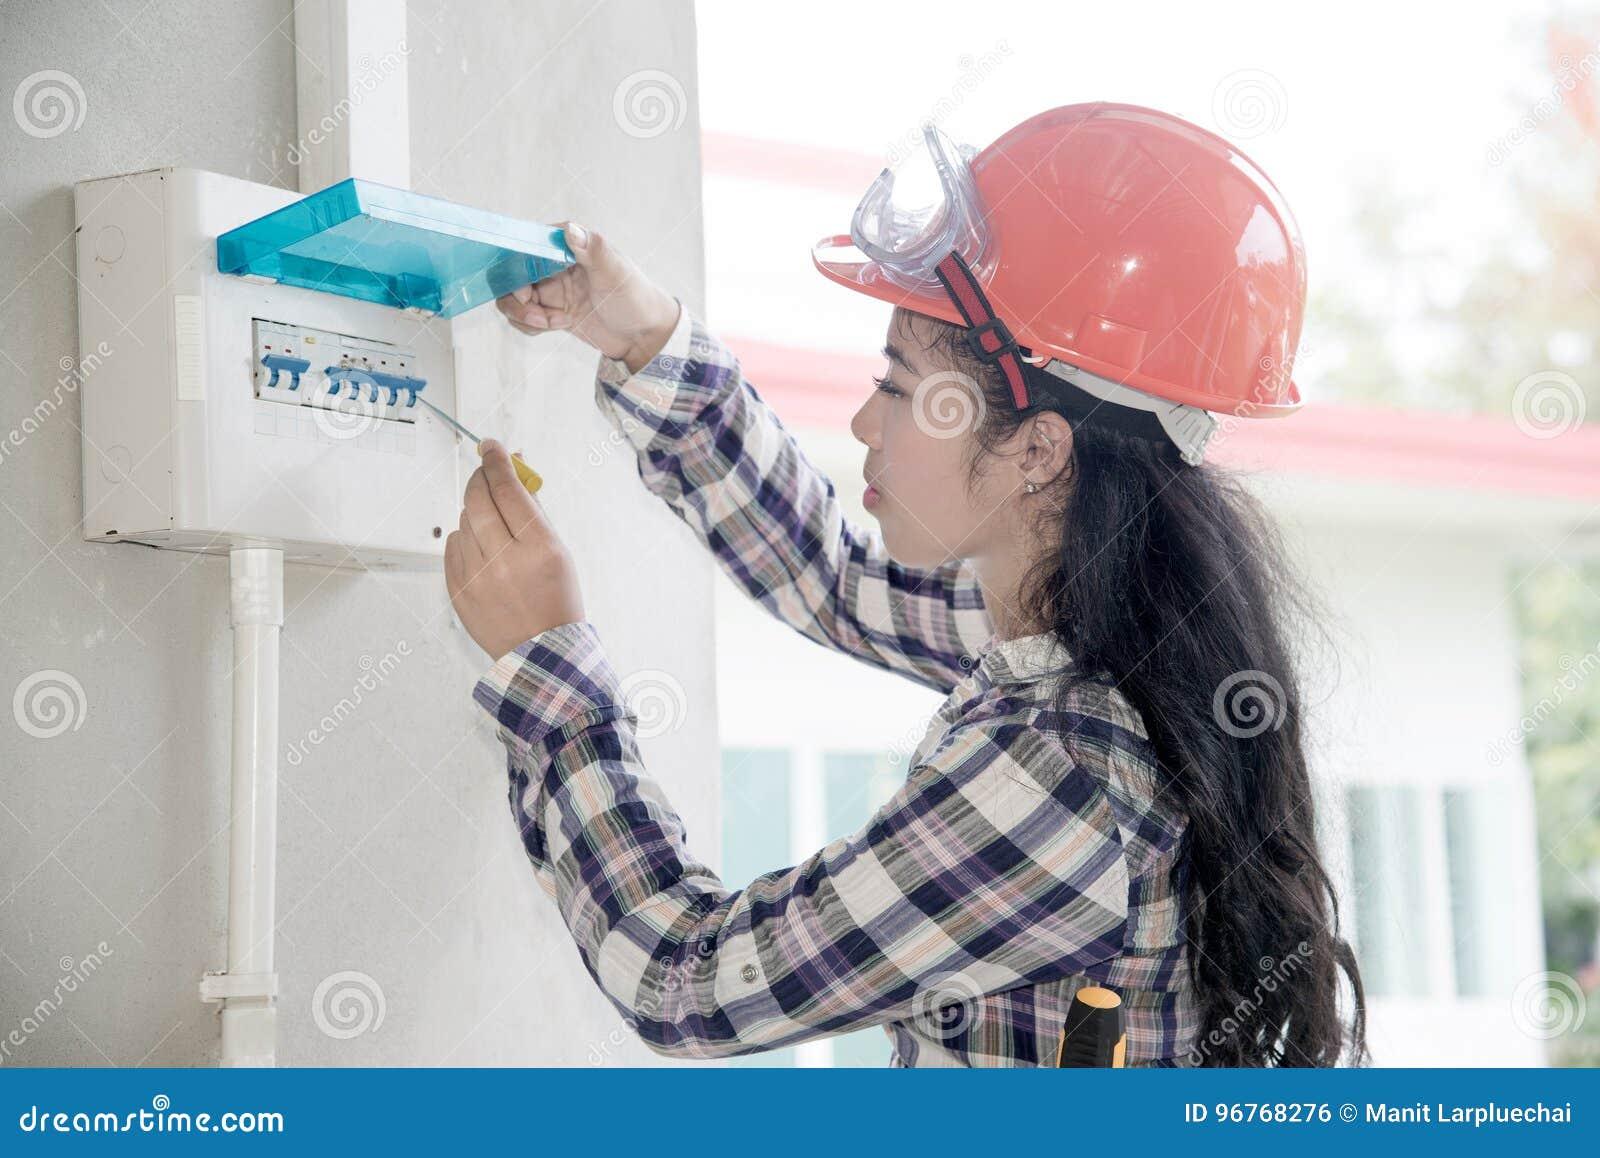 亚洲女性电工或工程师检查或检查电气系统开关